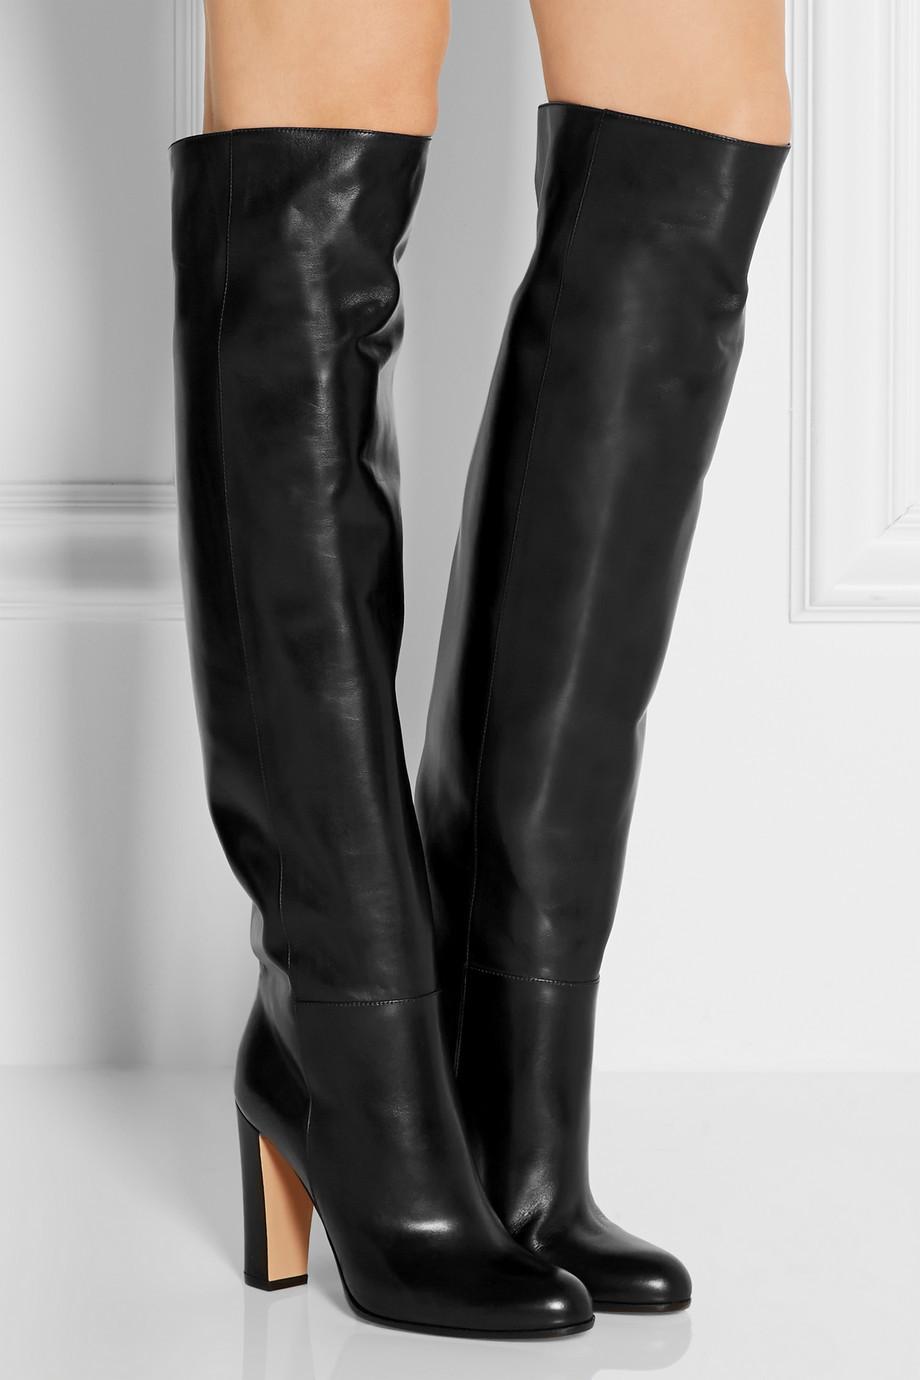 hiver en cuir bottes femmes-achetez des lots à petit prix hiver en